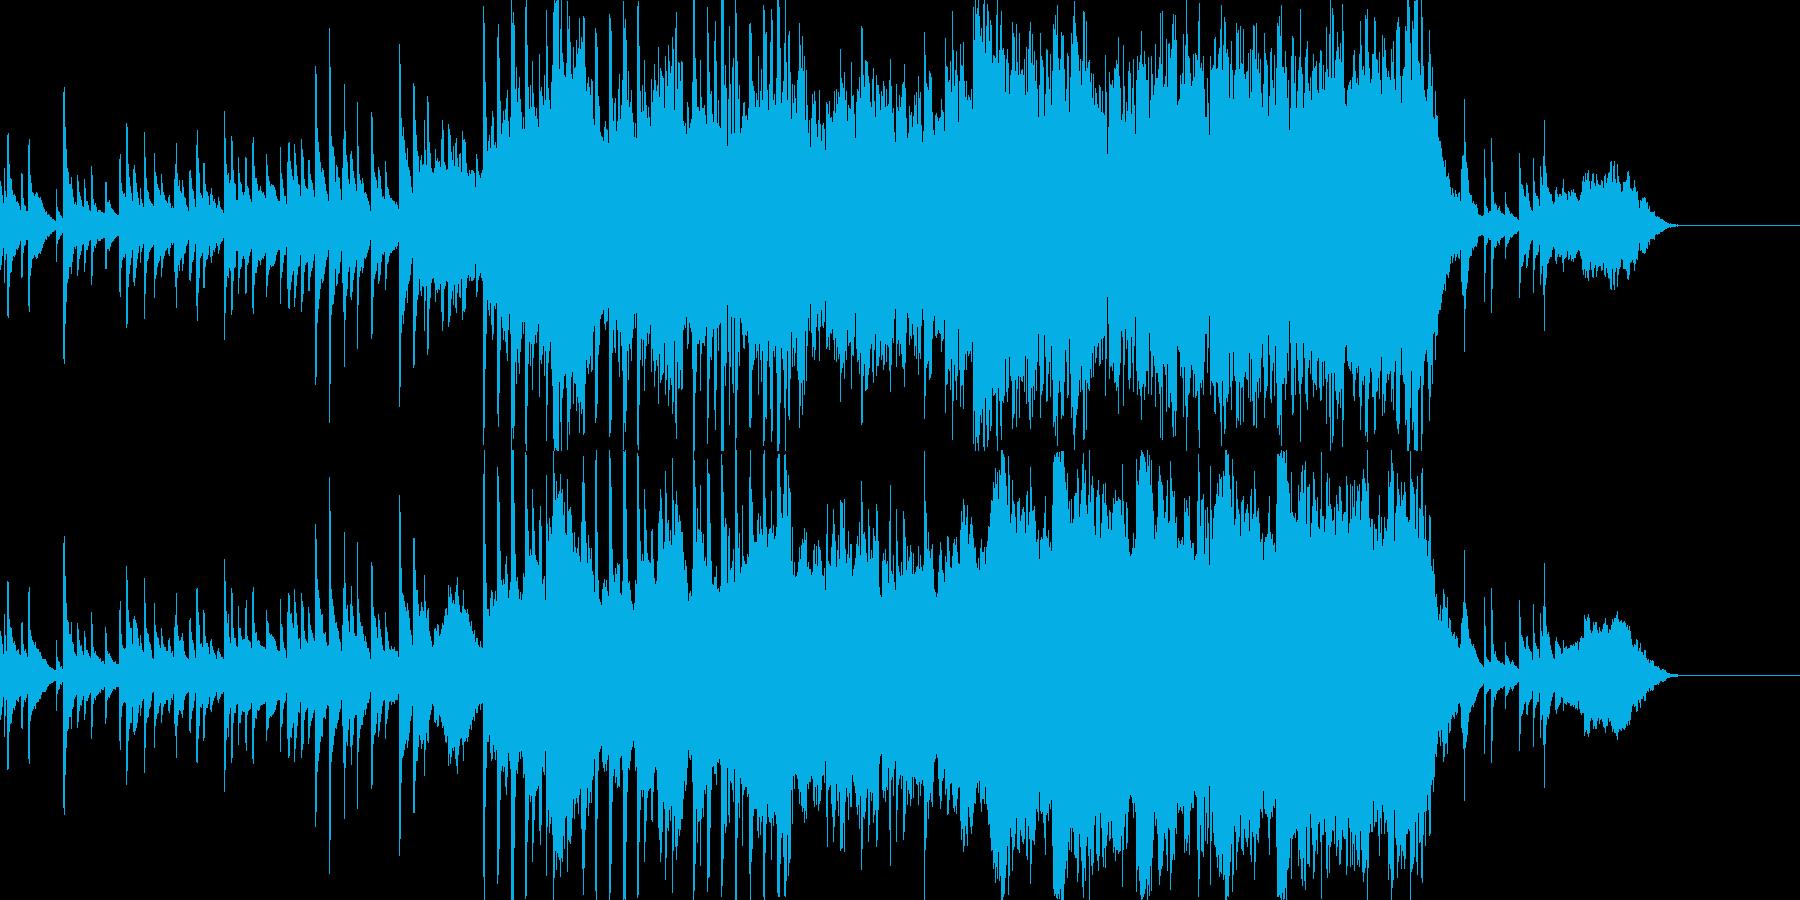 ピアノとオーケストラによるバラードの再生済みの波形